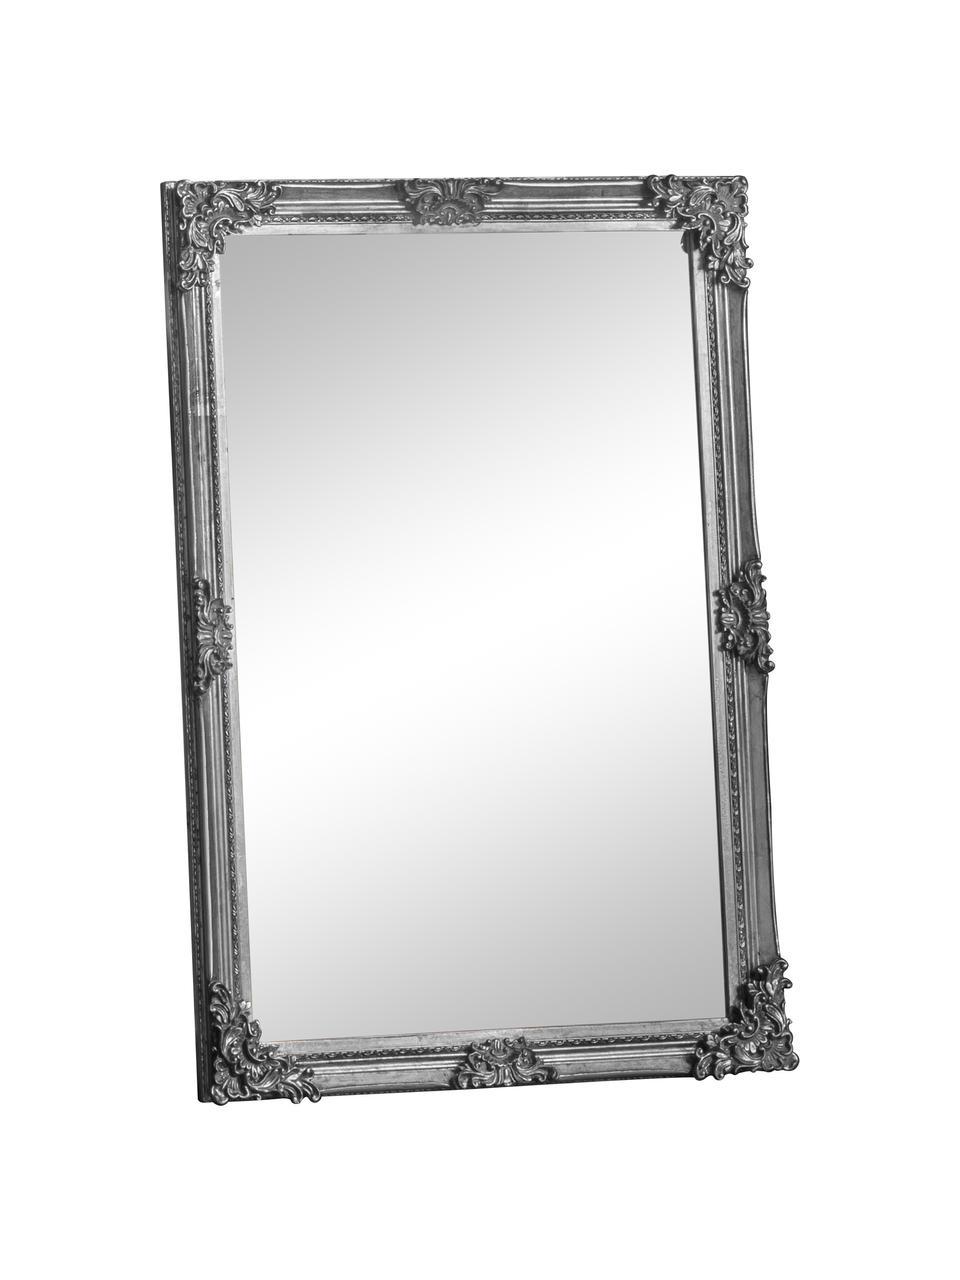 Eckiger Wandspiegel Fiennes mit Holzrahmen, Rahmen: Holz, lackiert, Spiegelfläche: Spiegelglas, Silberfarben, 70 x 103 cm